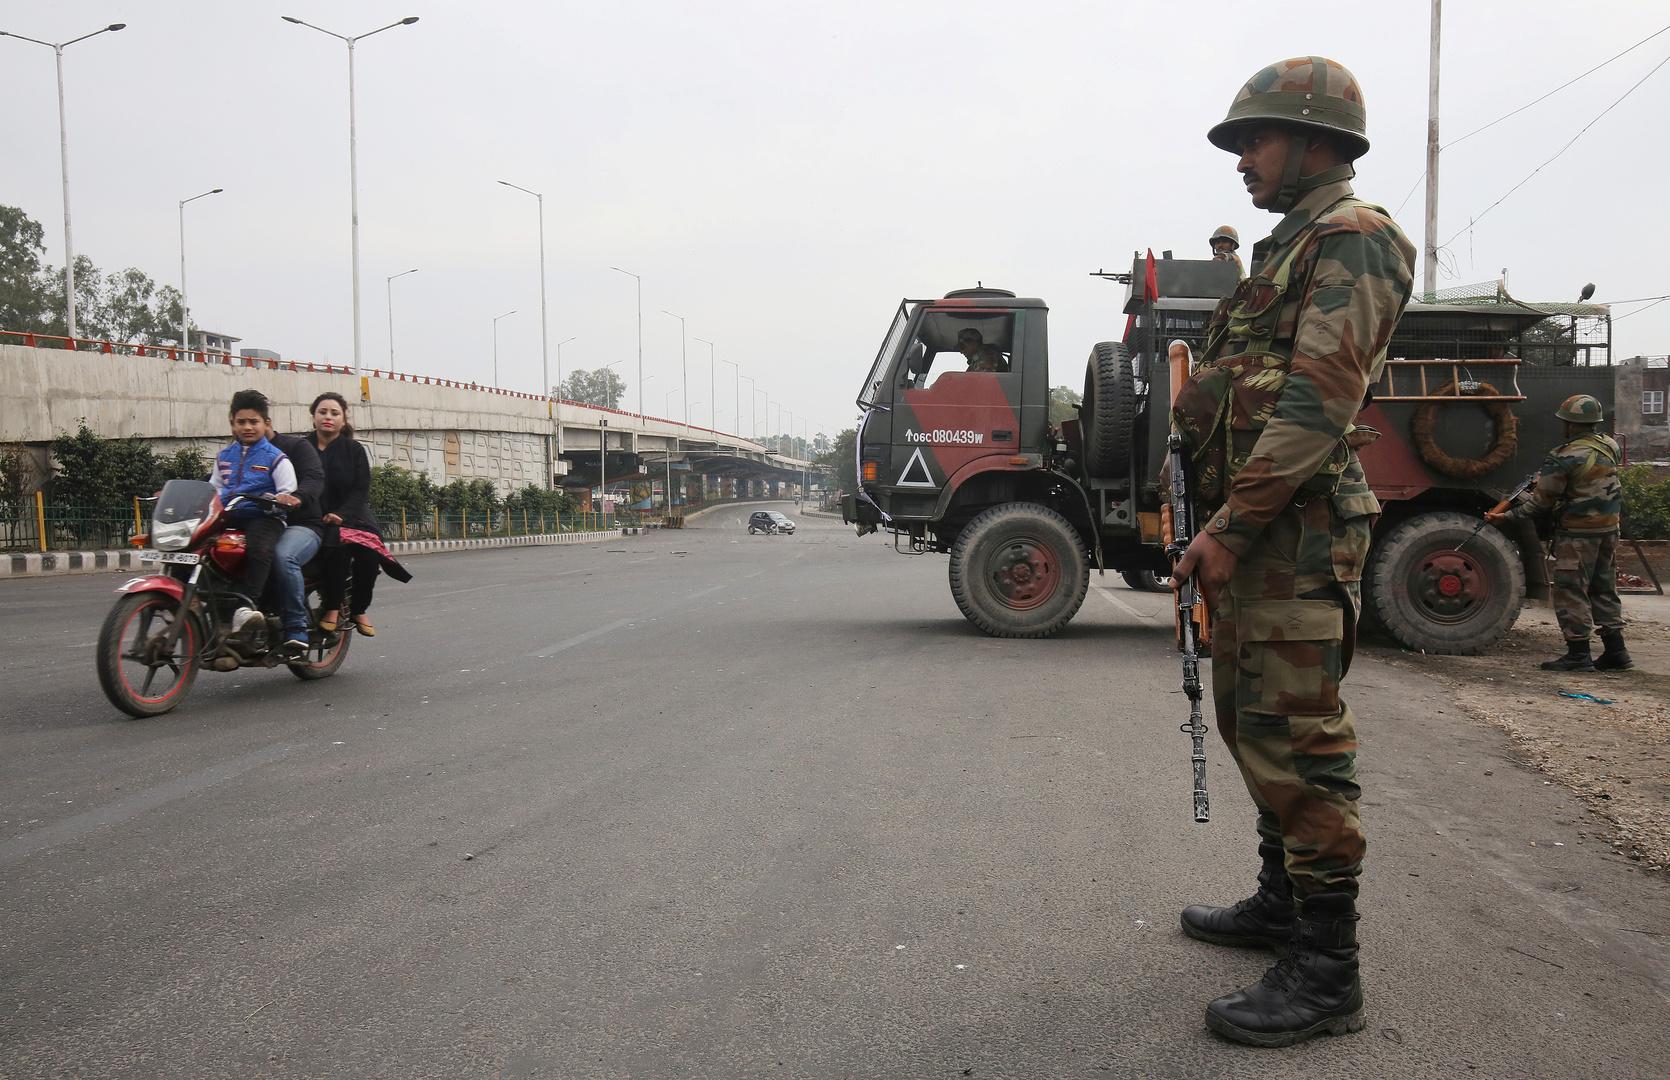 جندي من الجيش الهندي يقوم بالحراسة